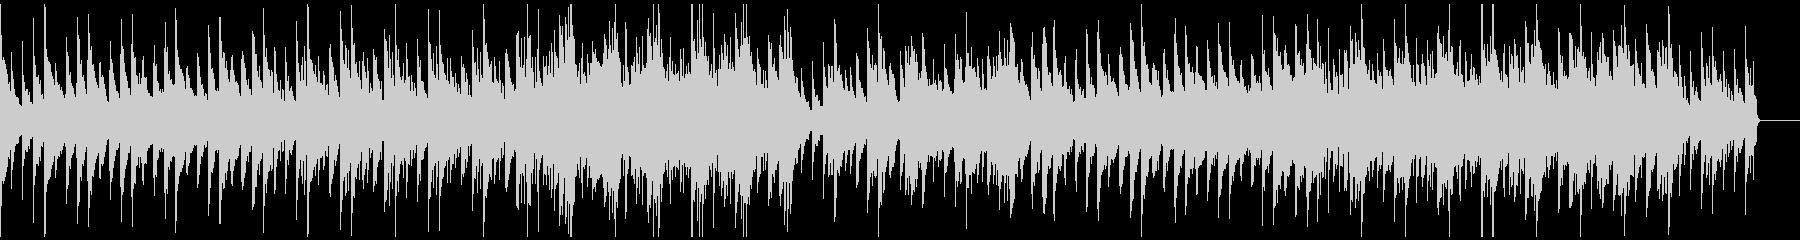 スタイリッシュ・オーケストラ・ピアノ Lの未再生の波形